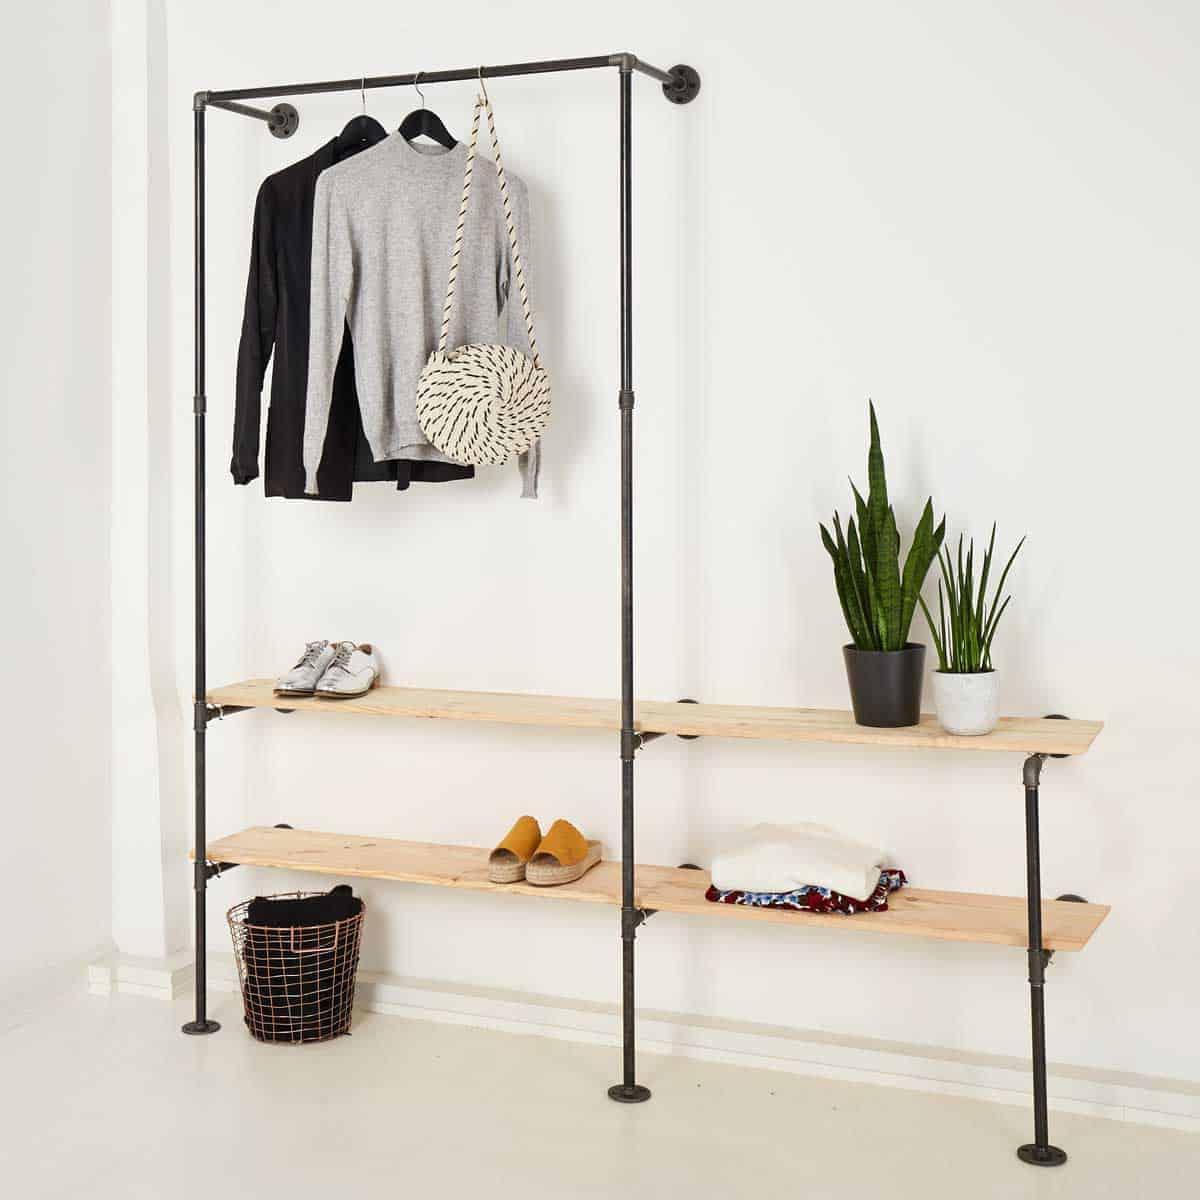 Industriedesign Ankleidesystem Ideal Two Mit Verlangerter Schuhbank